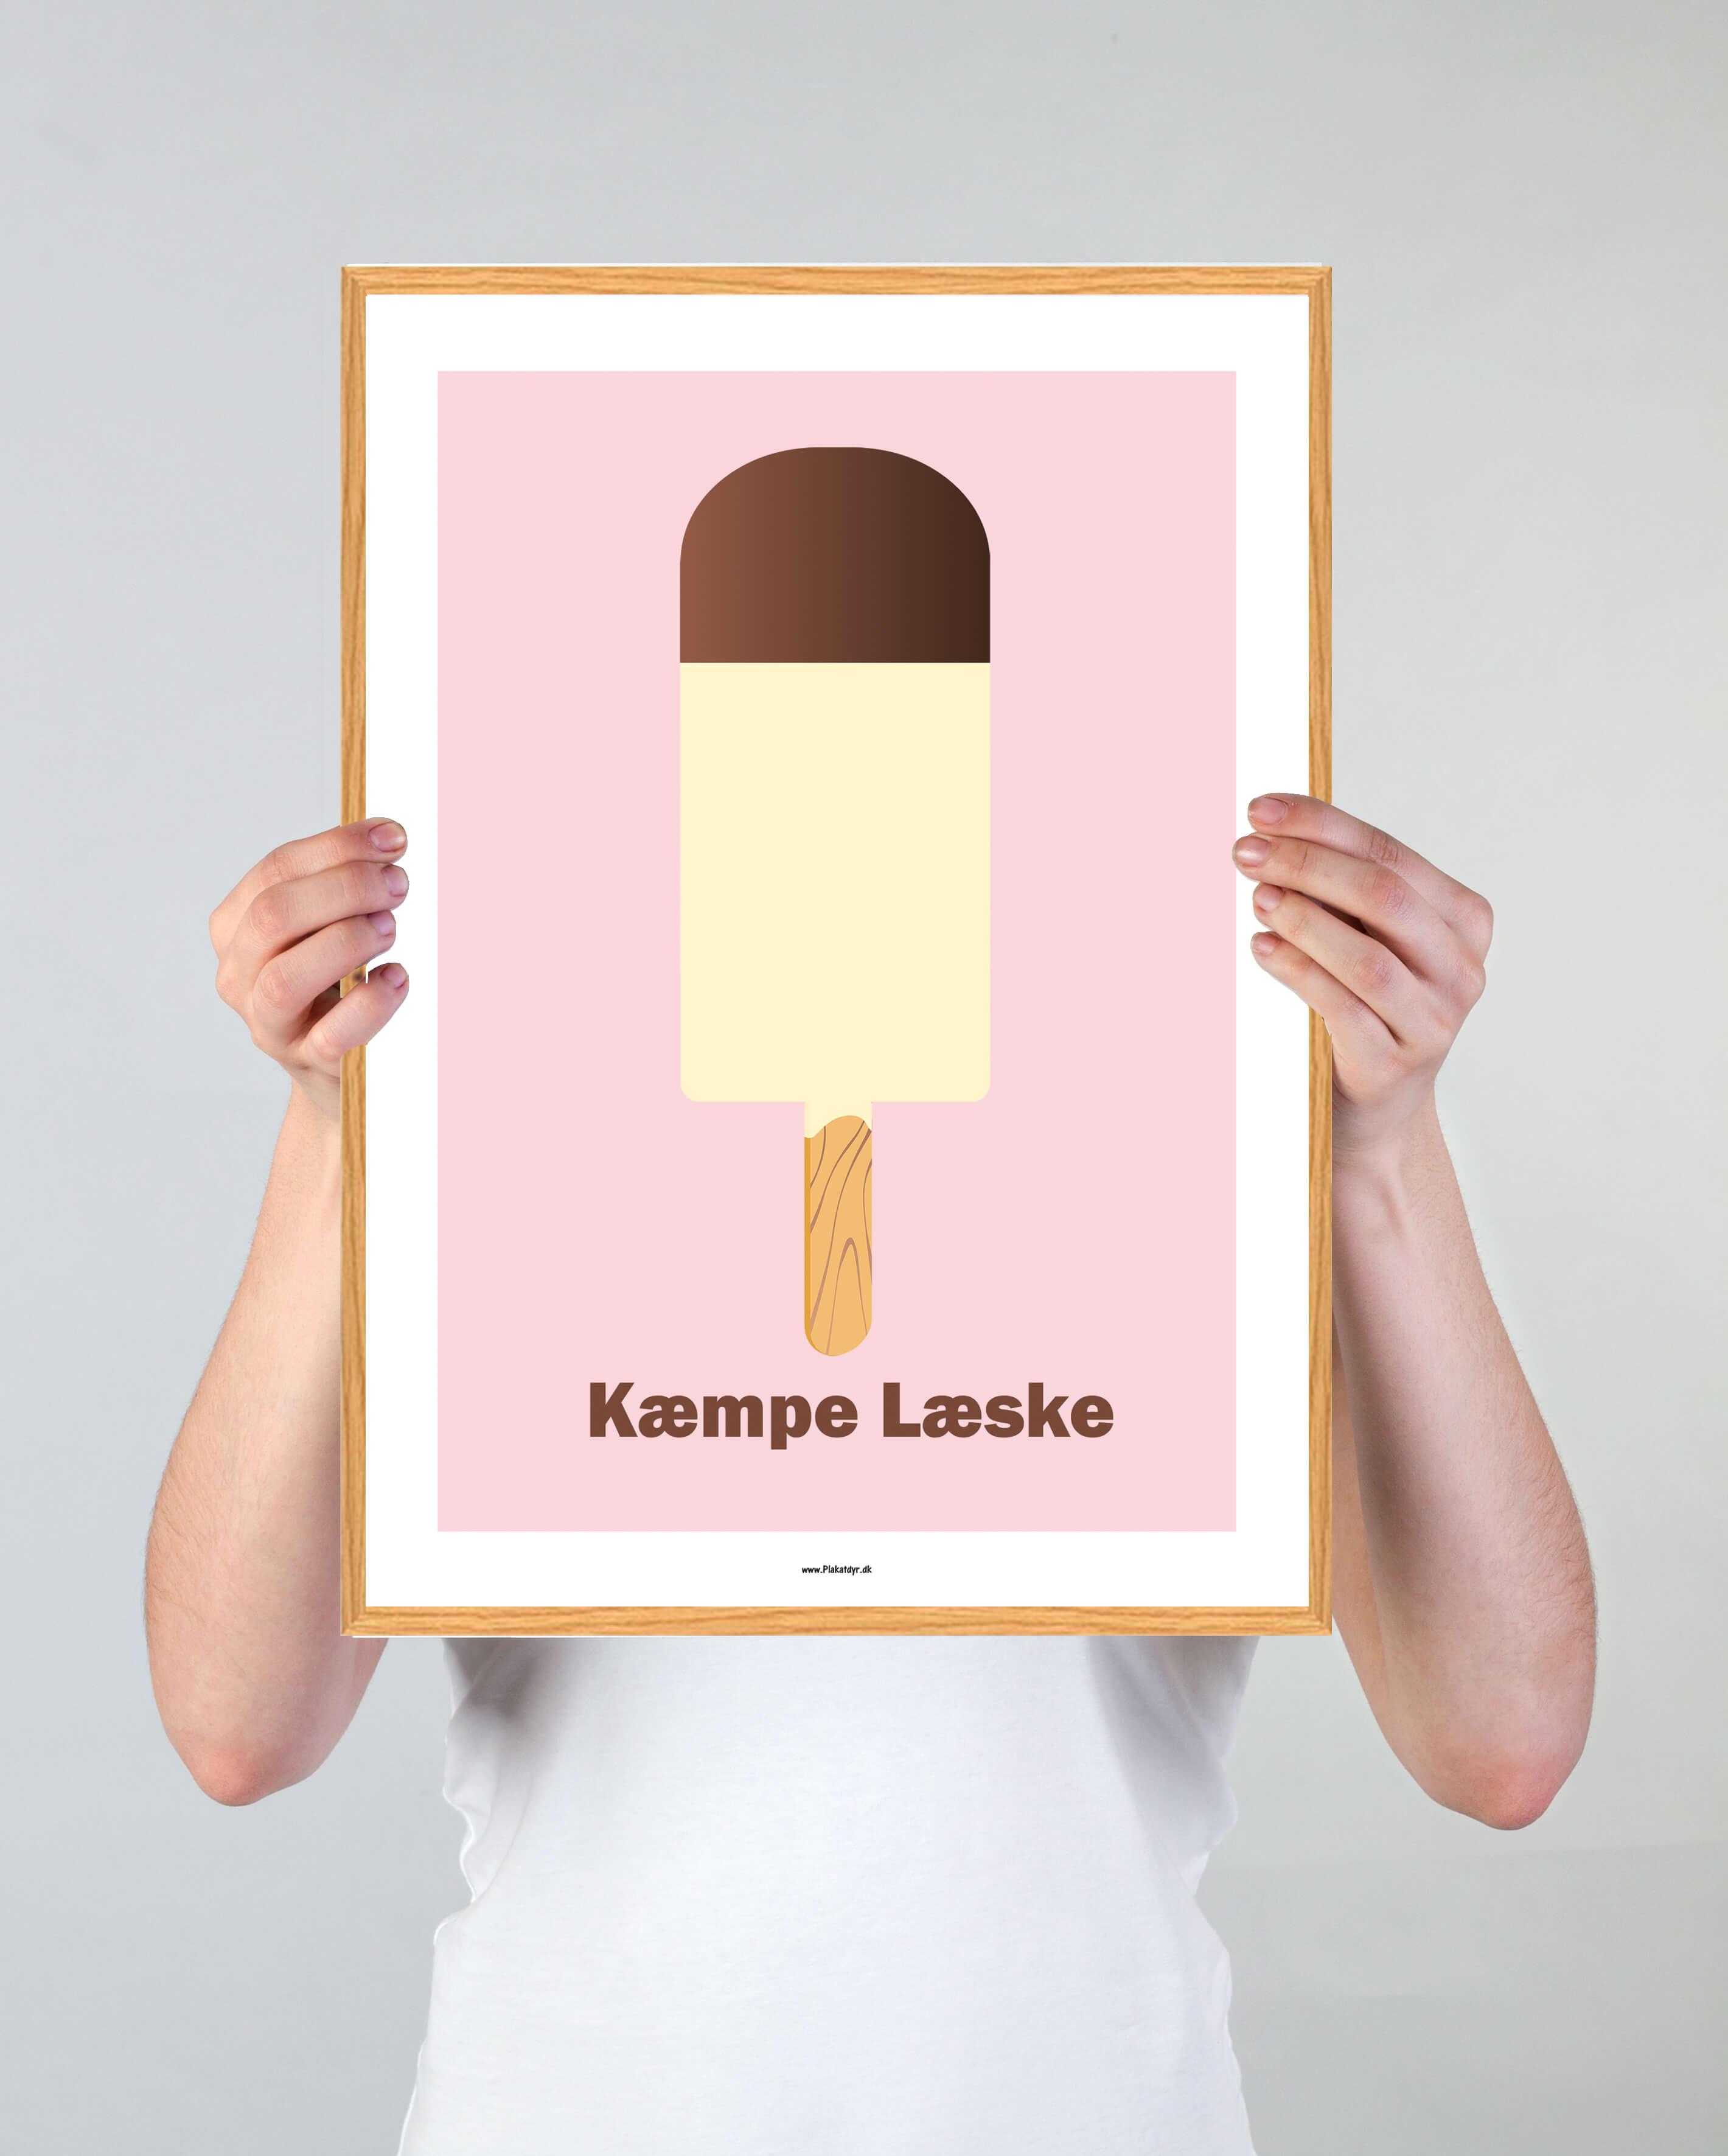 kaempe-laeske-roed